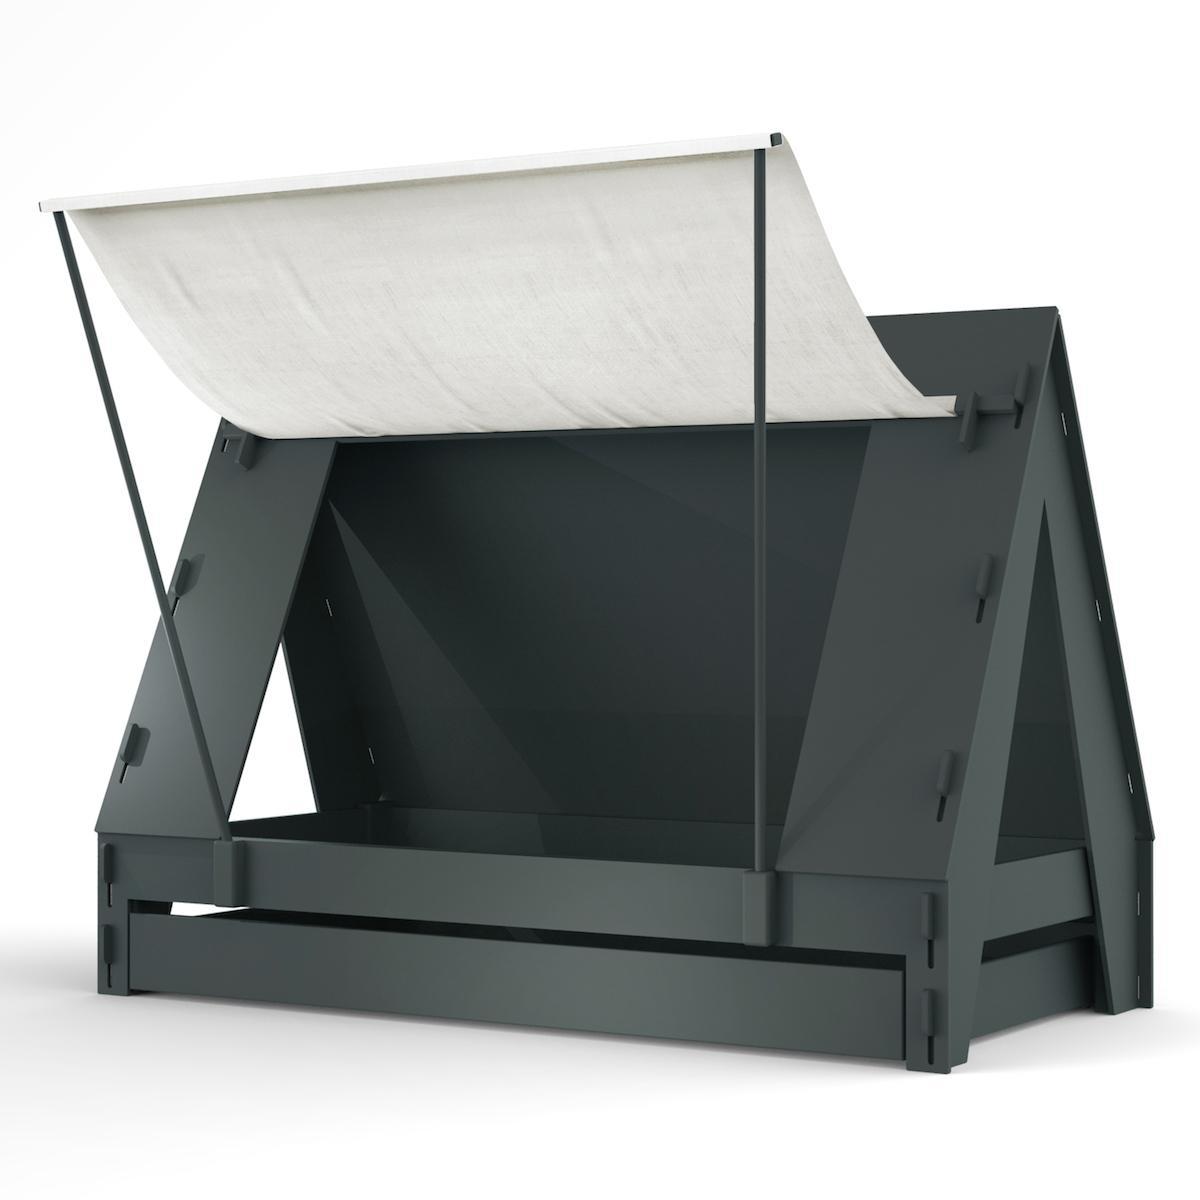 Lit bas-tiroir 90x200cm TENTE Mathy by Bols gris basalte